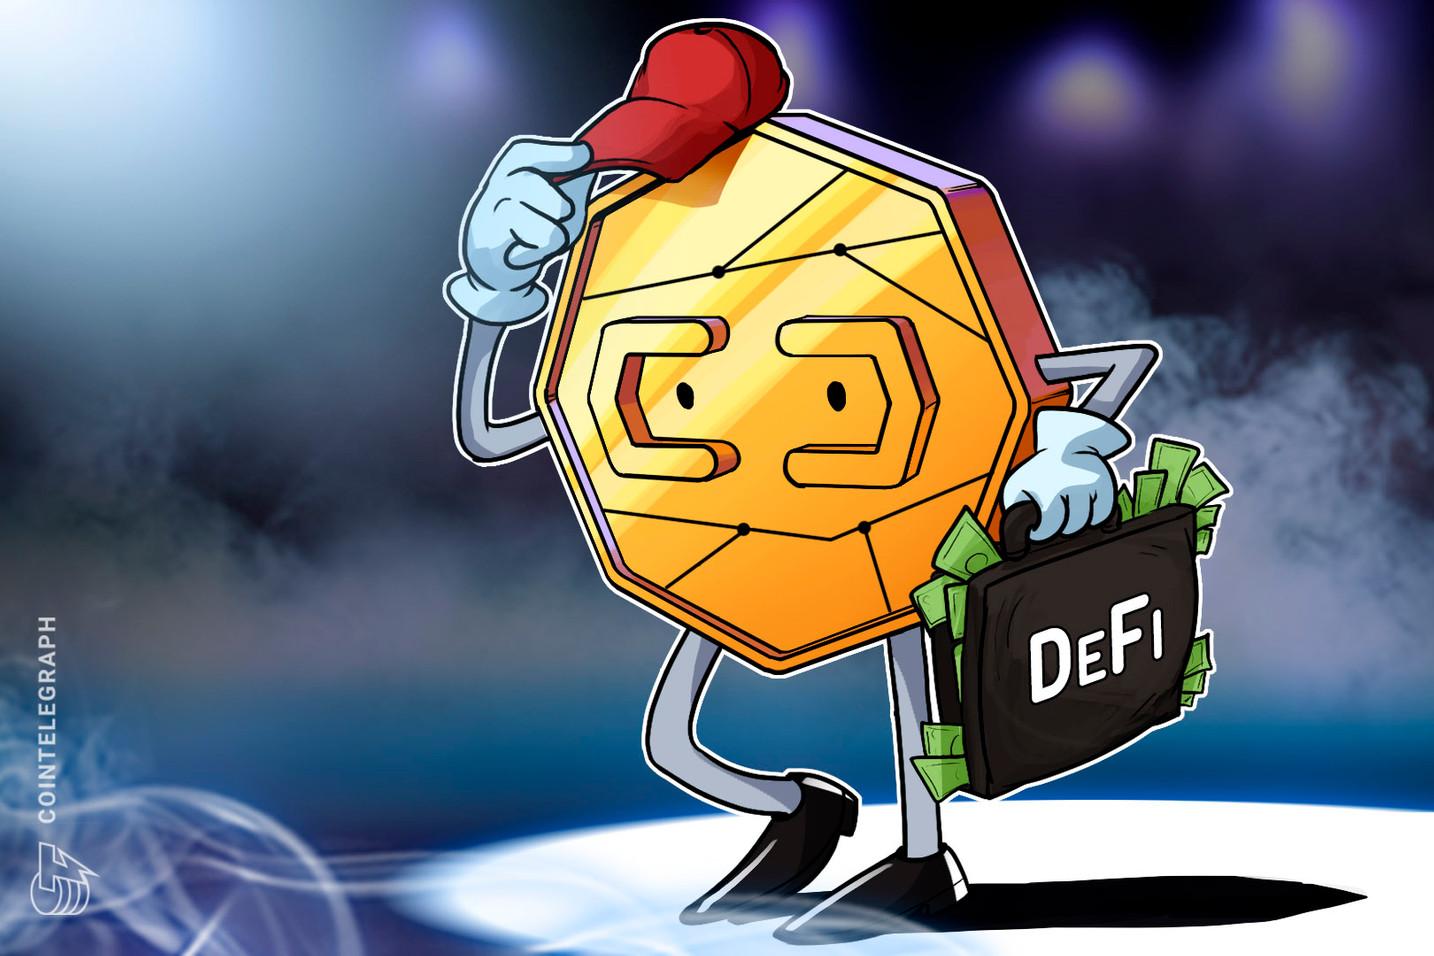 Nowe kontrakty futures na DeFi umożliwiające zabezpieczenie się przed trudnościami w wydobywaniu bitcoinów